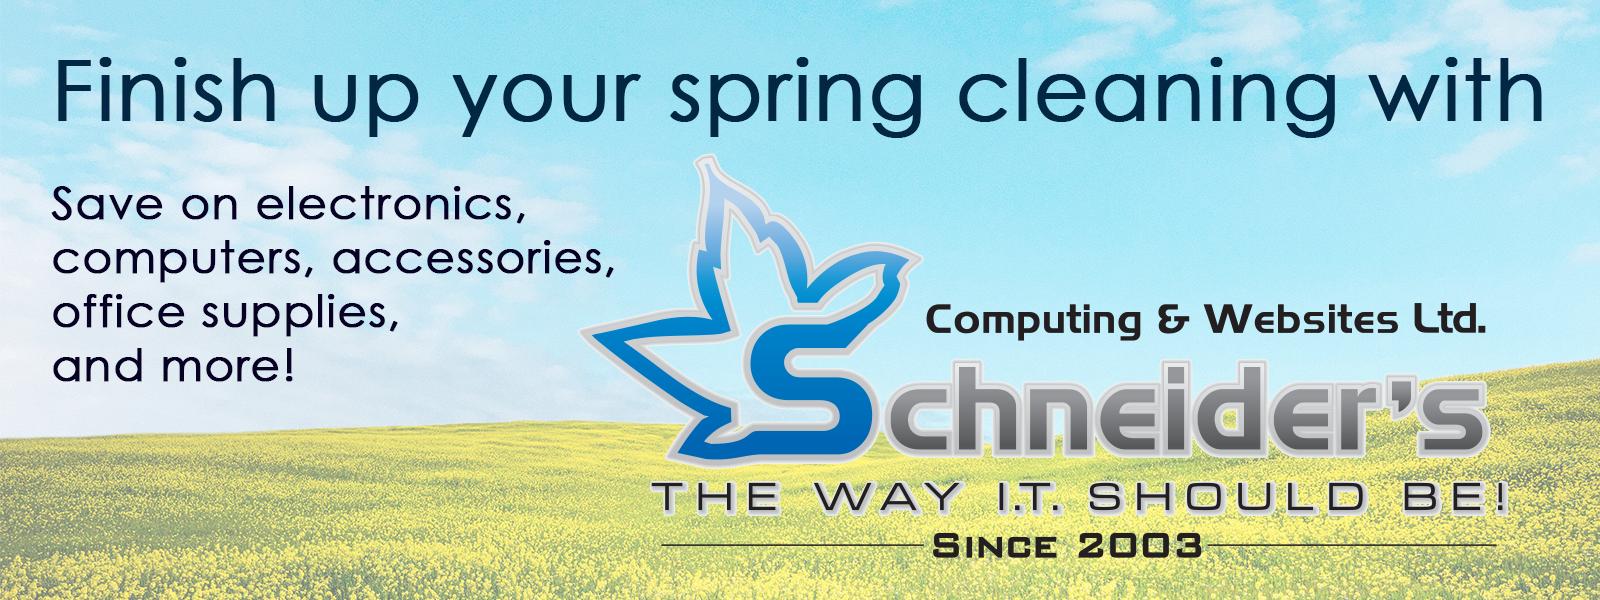 Spring Flyer Header Image